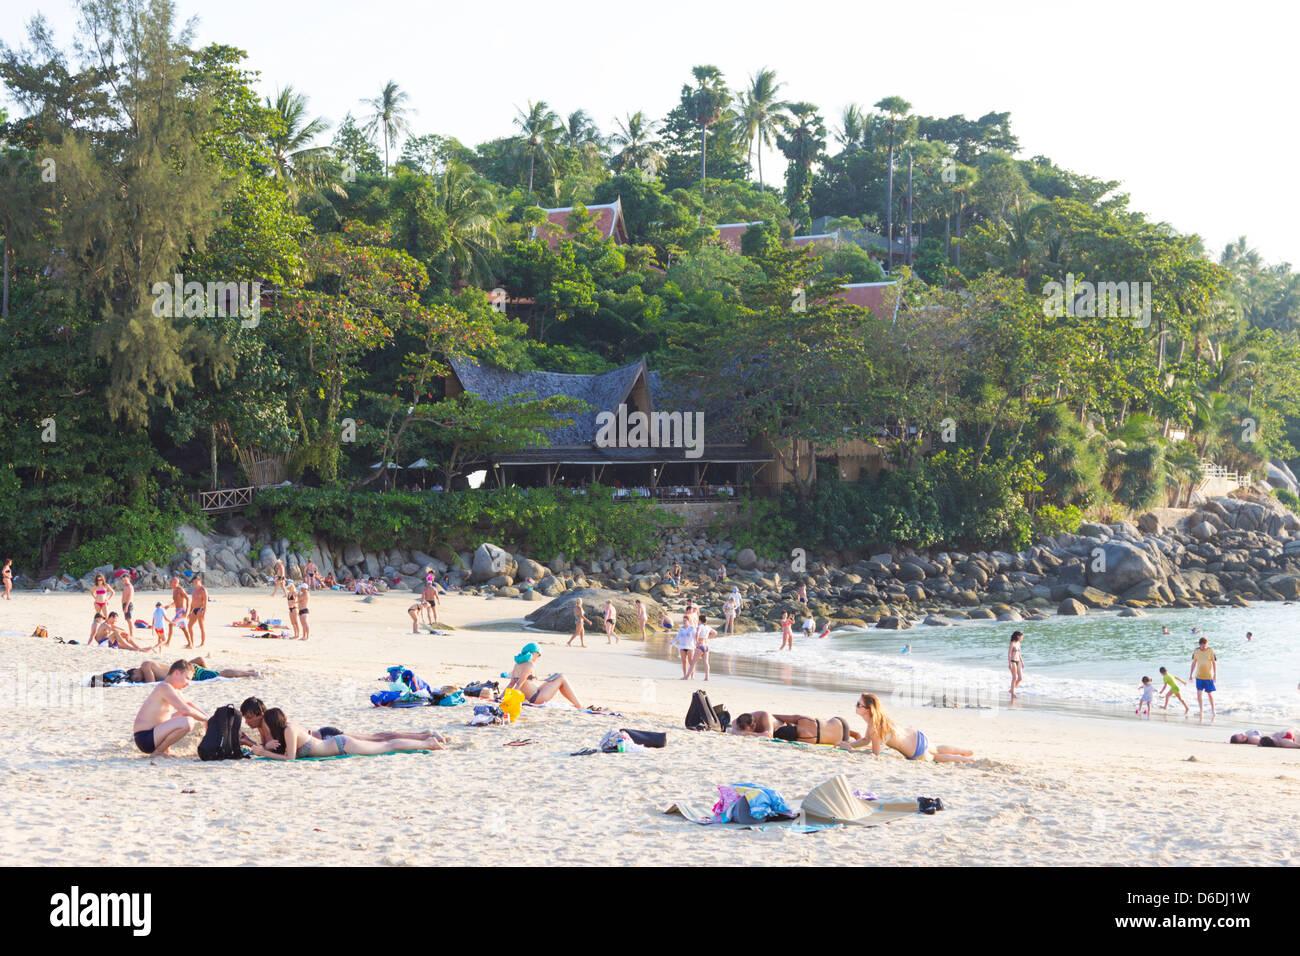 Karon beach - Phuket - Thailand - Stock Image